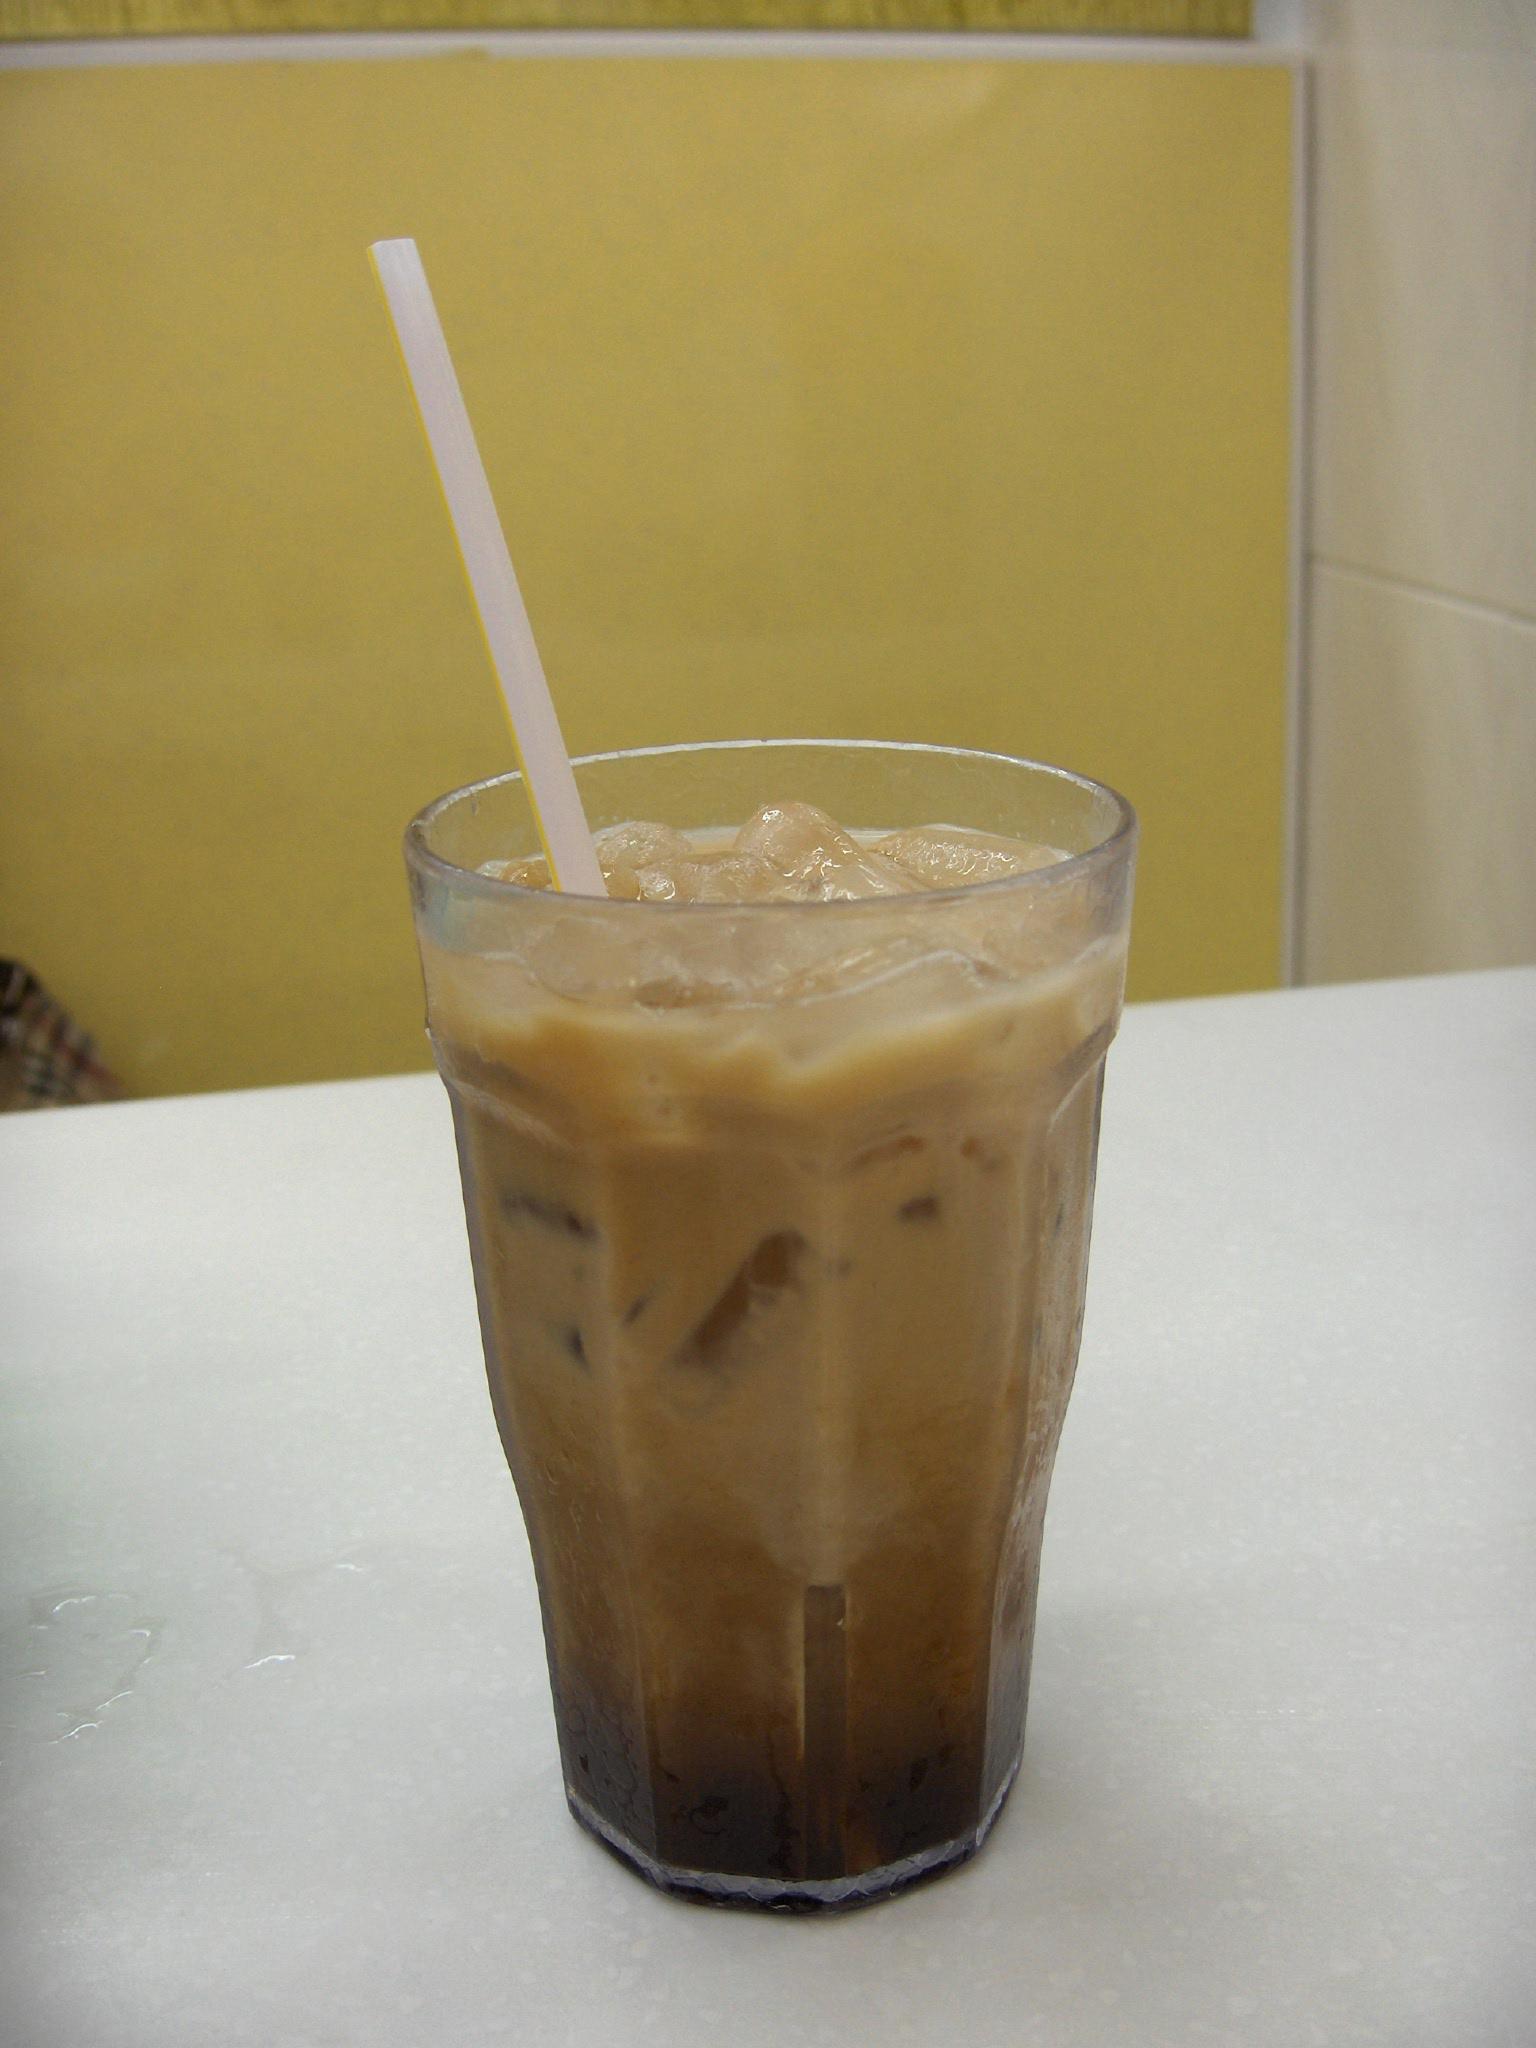 Yuanyang_(drink)